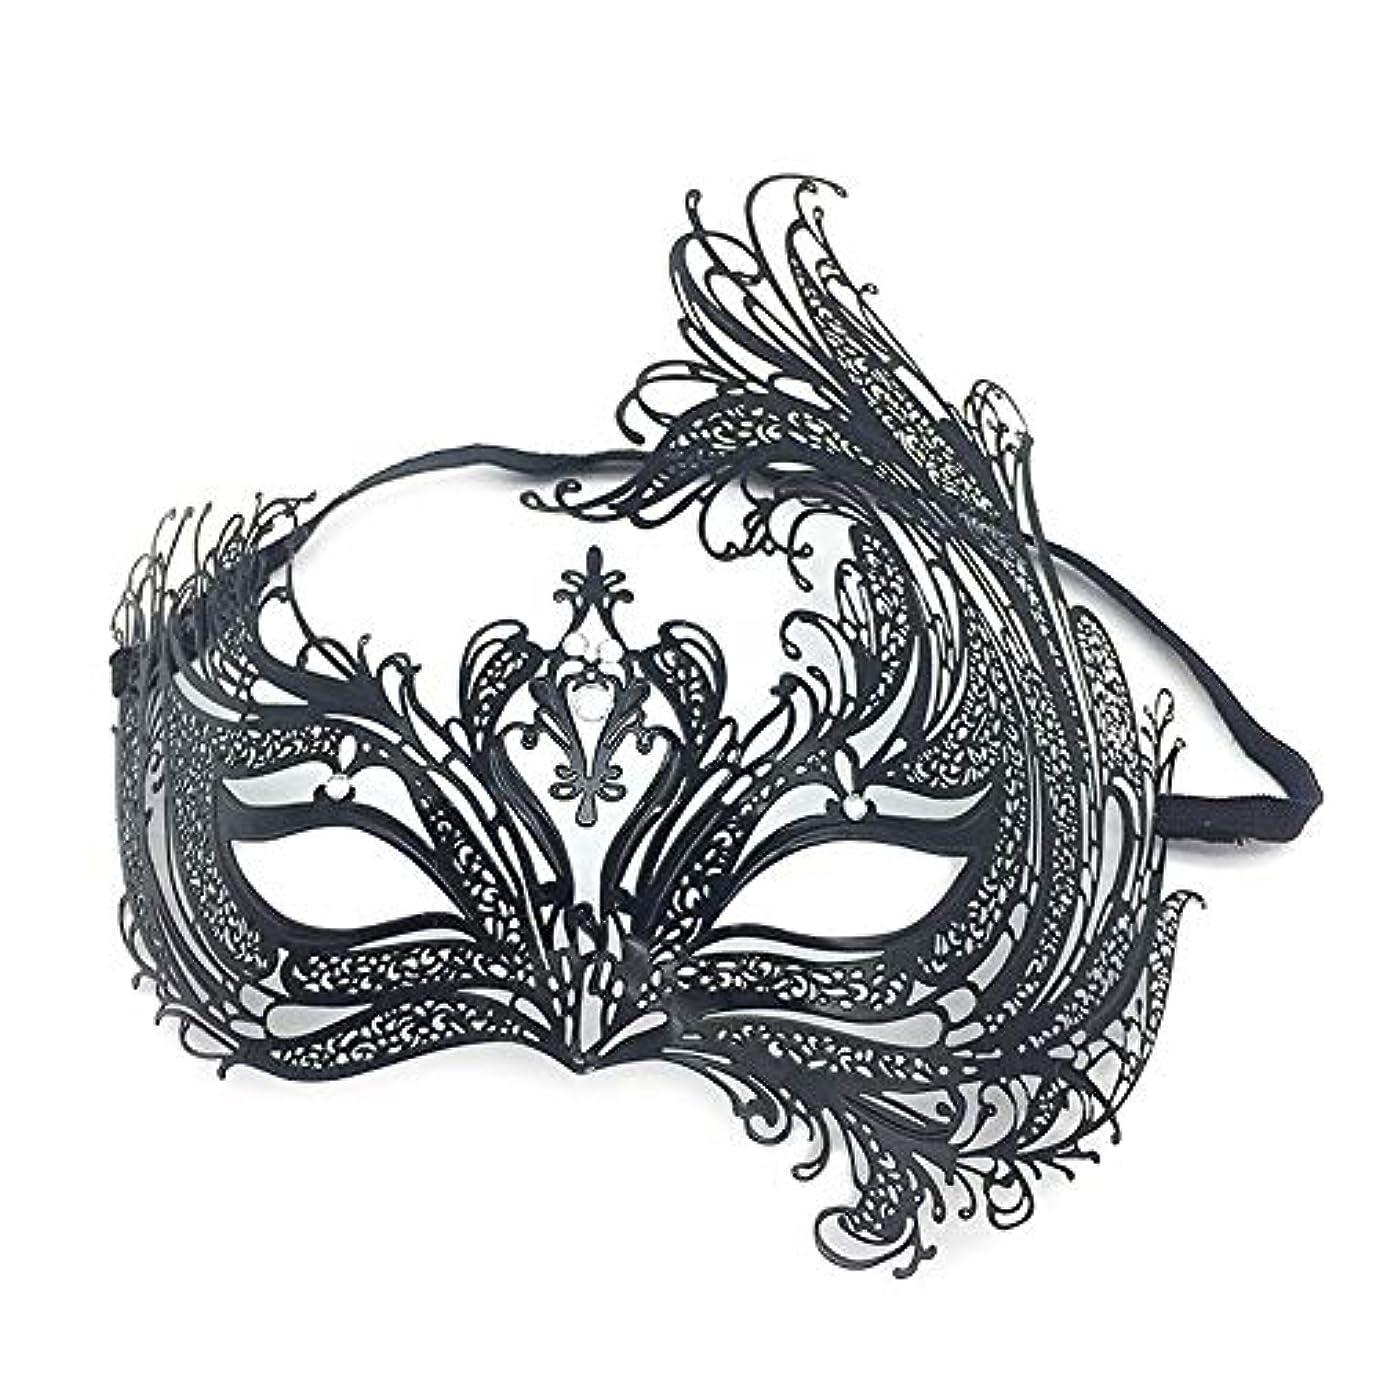 リットル強化する日常的にダンスマスク 仮面舞踏会パーティーブラックセクシーハーフフェイスフェニックスハロウィーンロールプレイングメタルマスクガール ホリデーパーティー用品 (色 : ブラック, サイズ : 20x19cm)